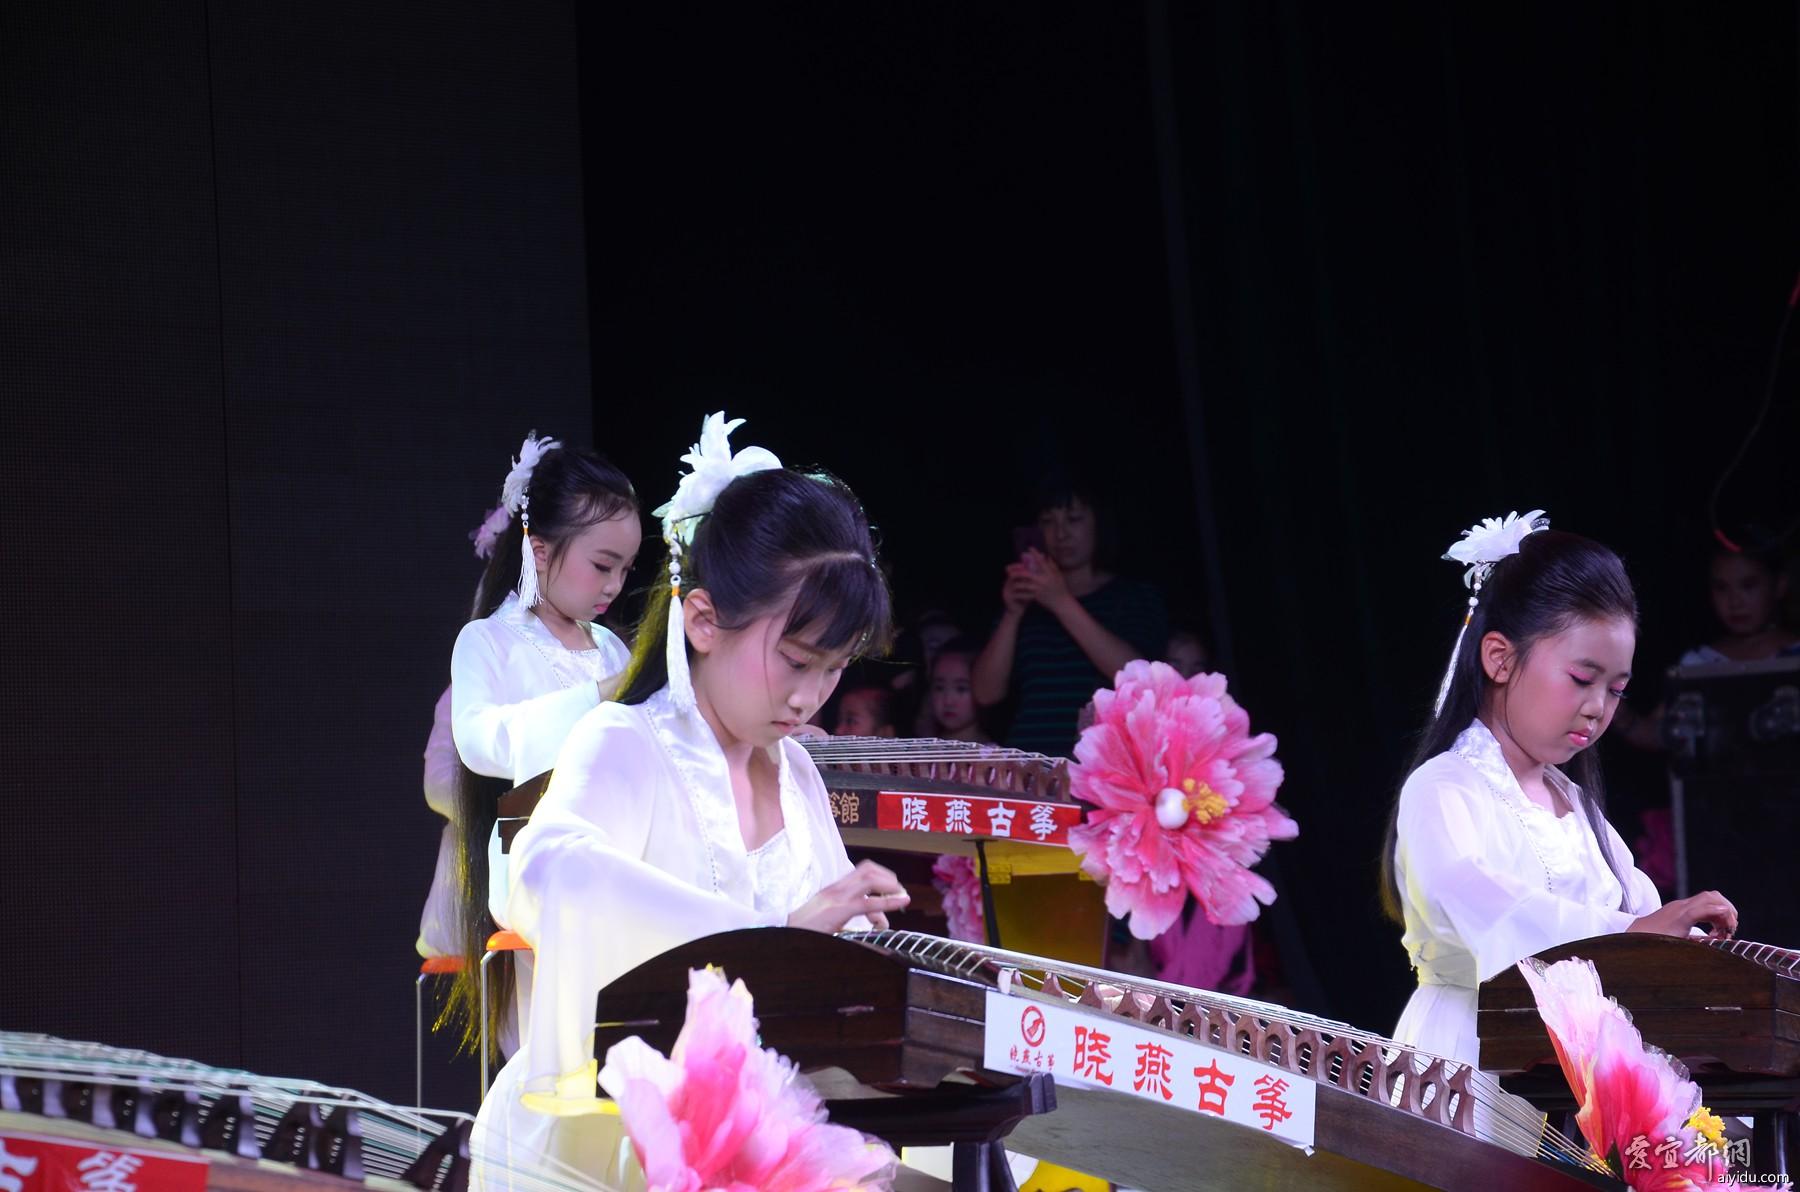 DSC_1564_副本.jpg